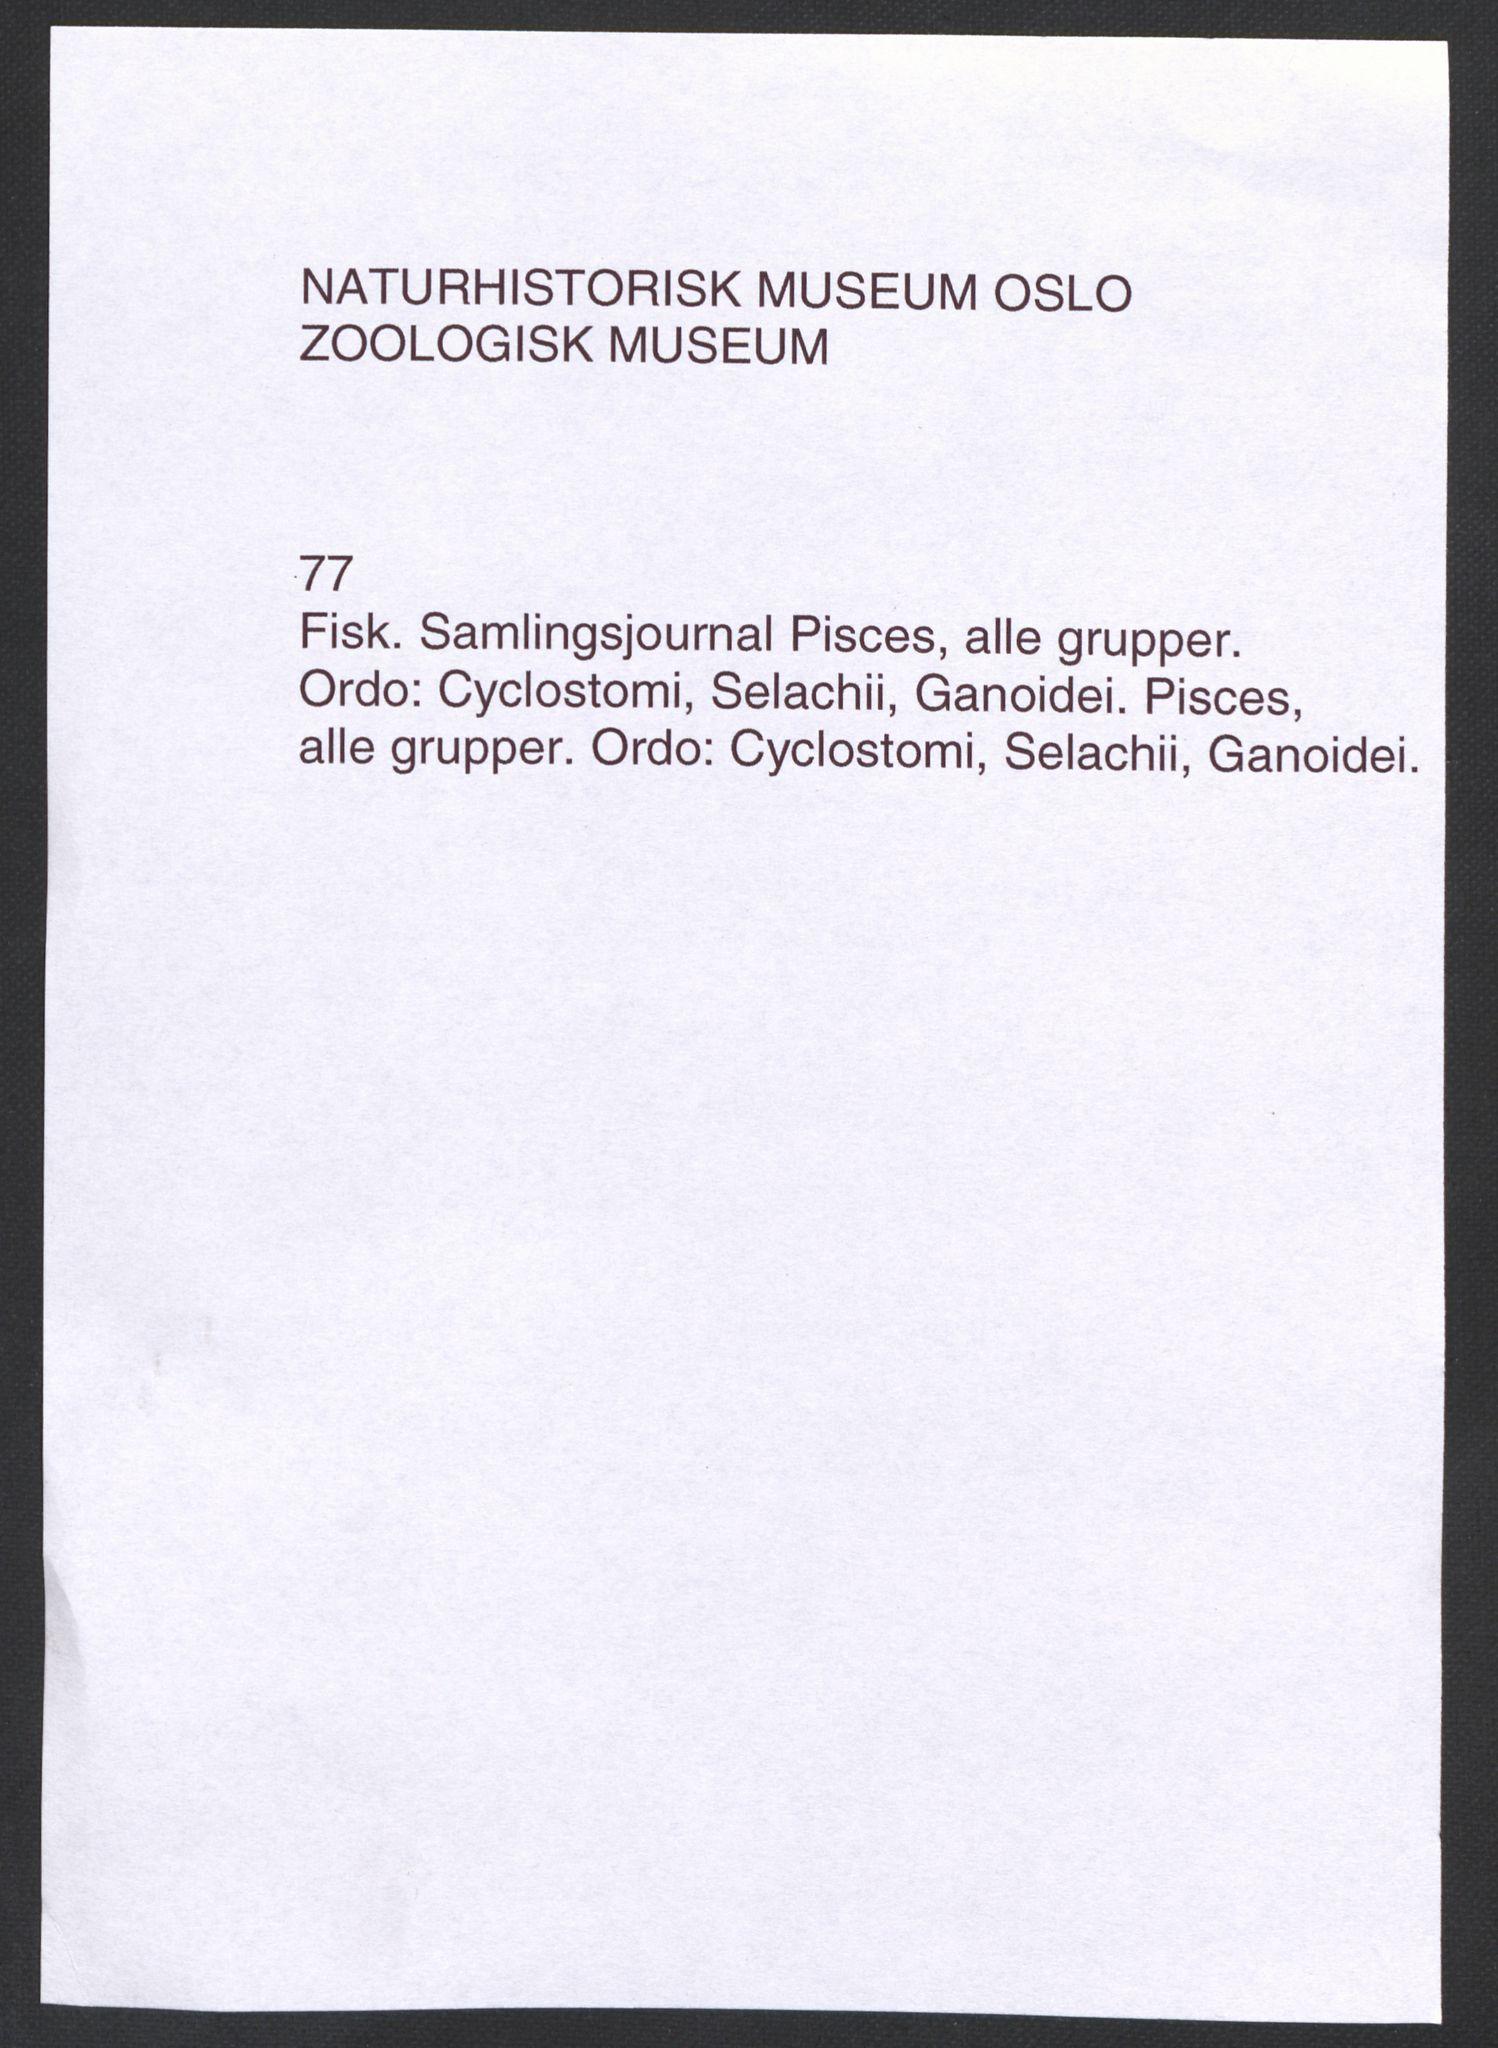 NHMO, Naturhistorisk museum (Oslo), 1: Fisk. Taksonomisk journal. Pisces, alle grupper. Ordo: Cyclostomi, Selachii, Ganoidei